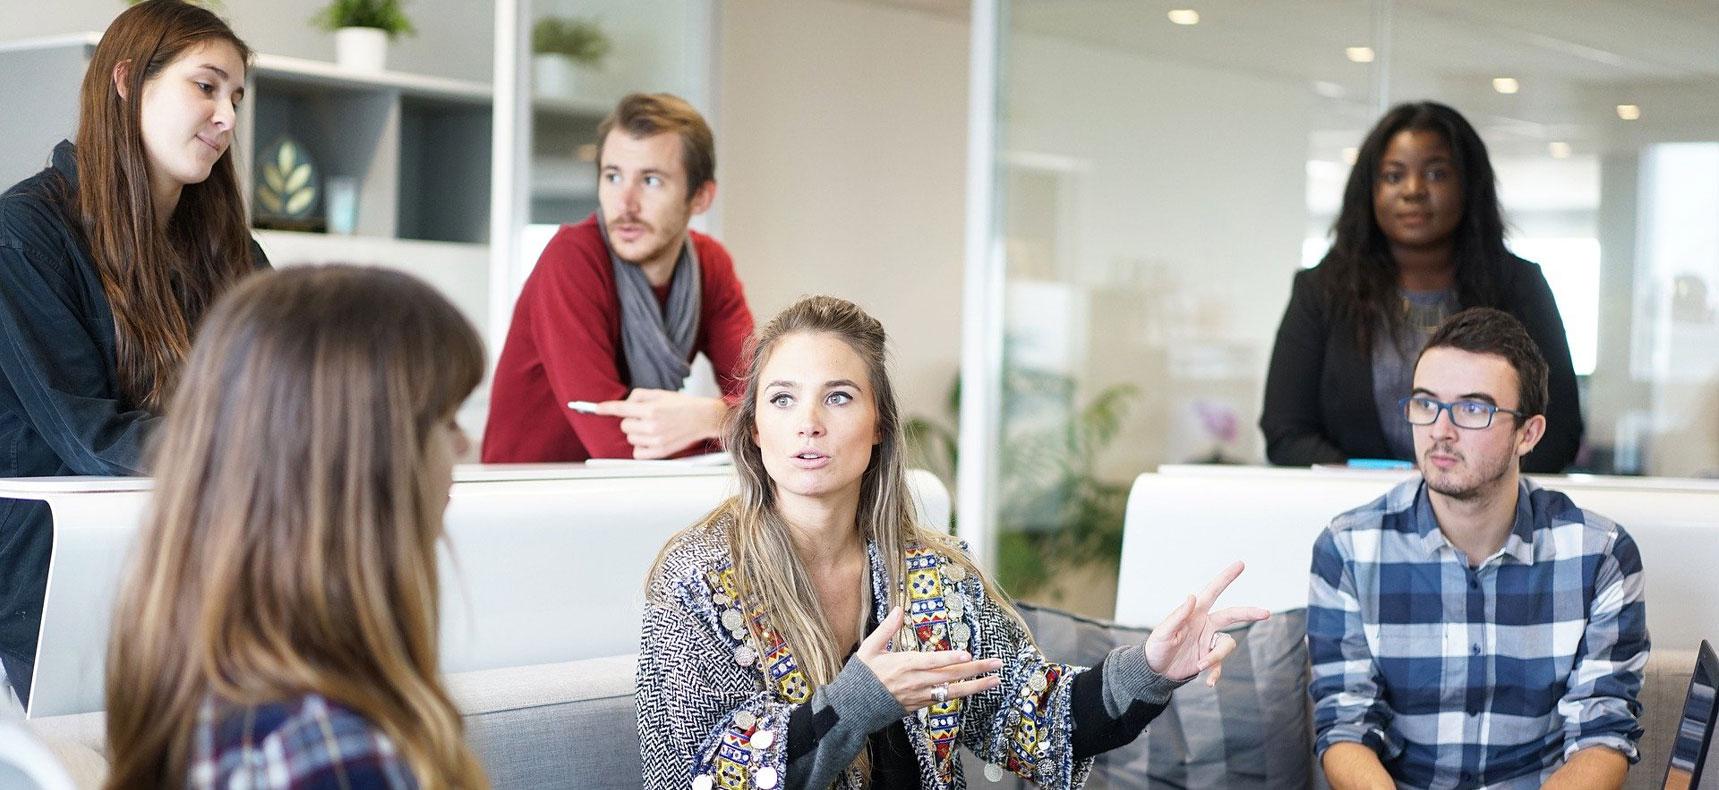 Equipe de personnes en réunion de travail